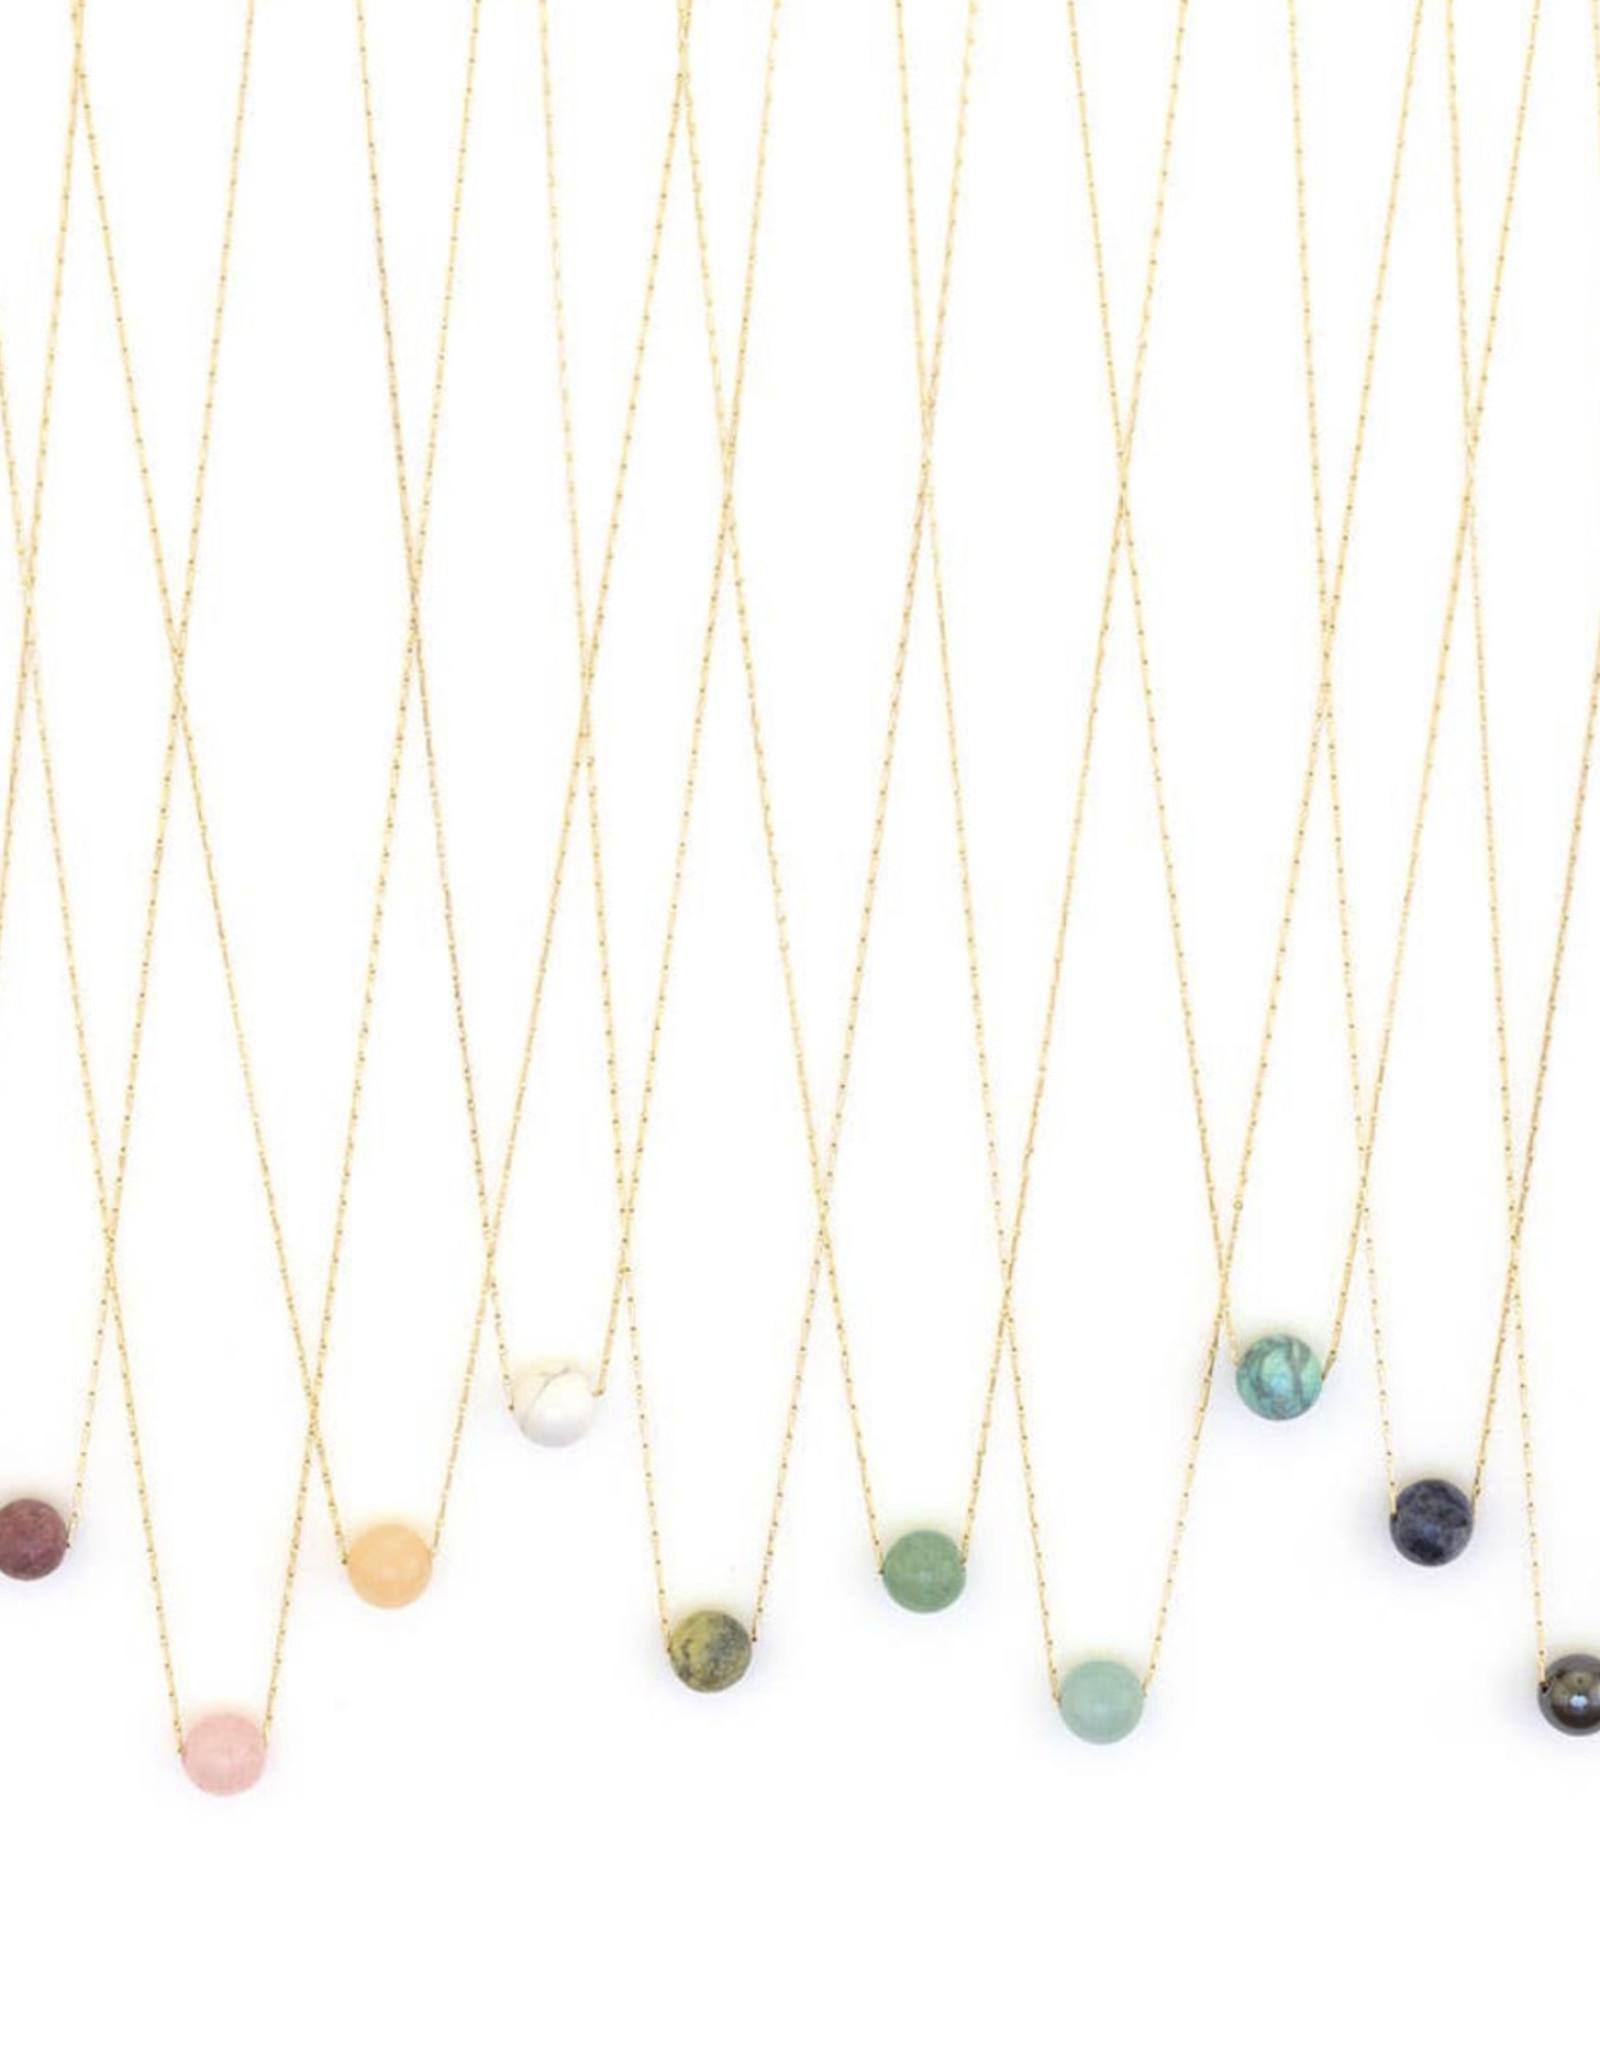 Amano Gemstone Necklaces 19GS